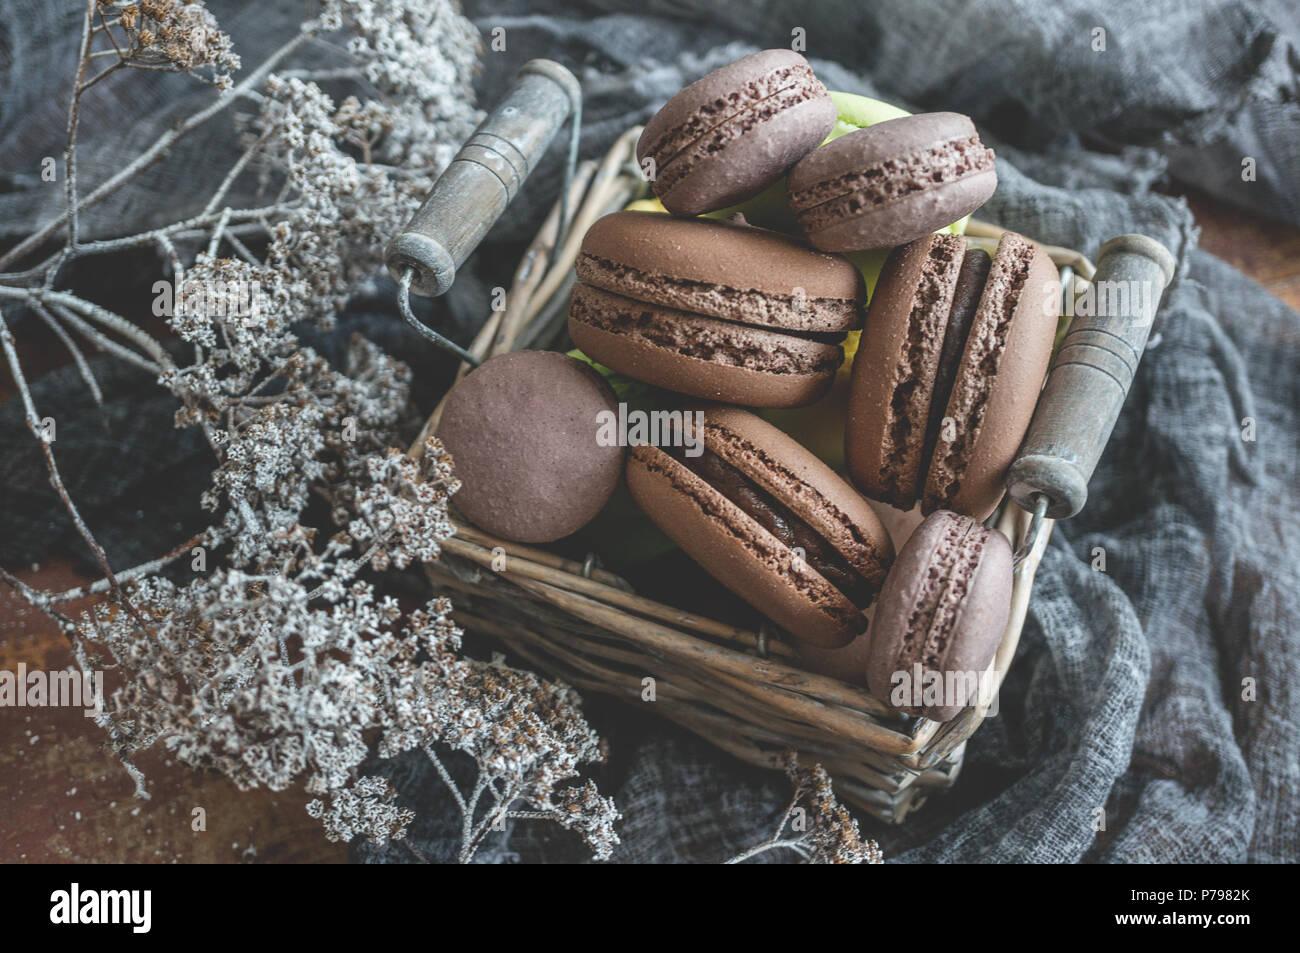 Pane appena sfornato amaretti in cesto in vimini con manici con piccoli fiori bianchi su sfondo di legno. Messa a fuoco selettiva. Immagini Stock